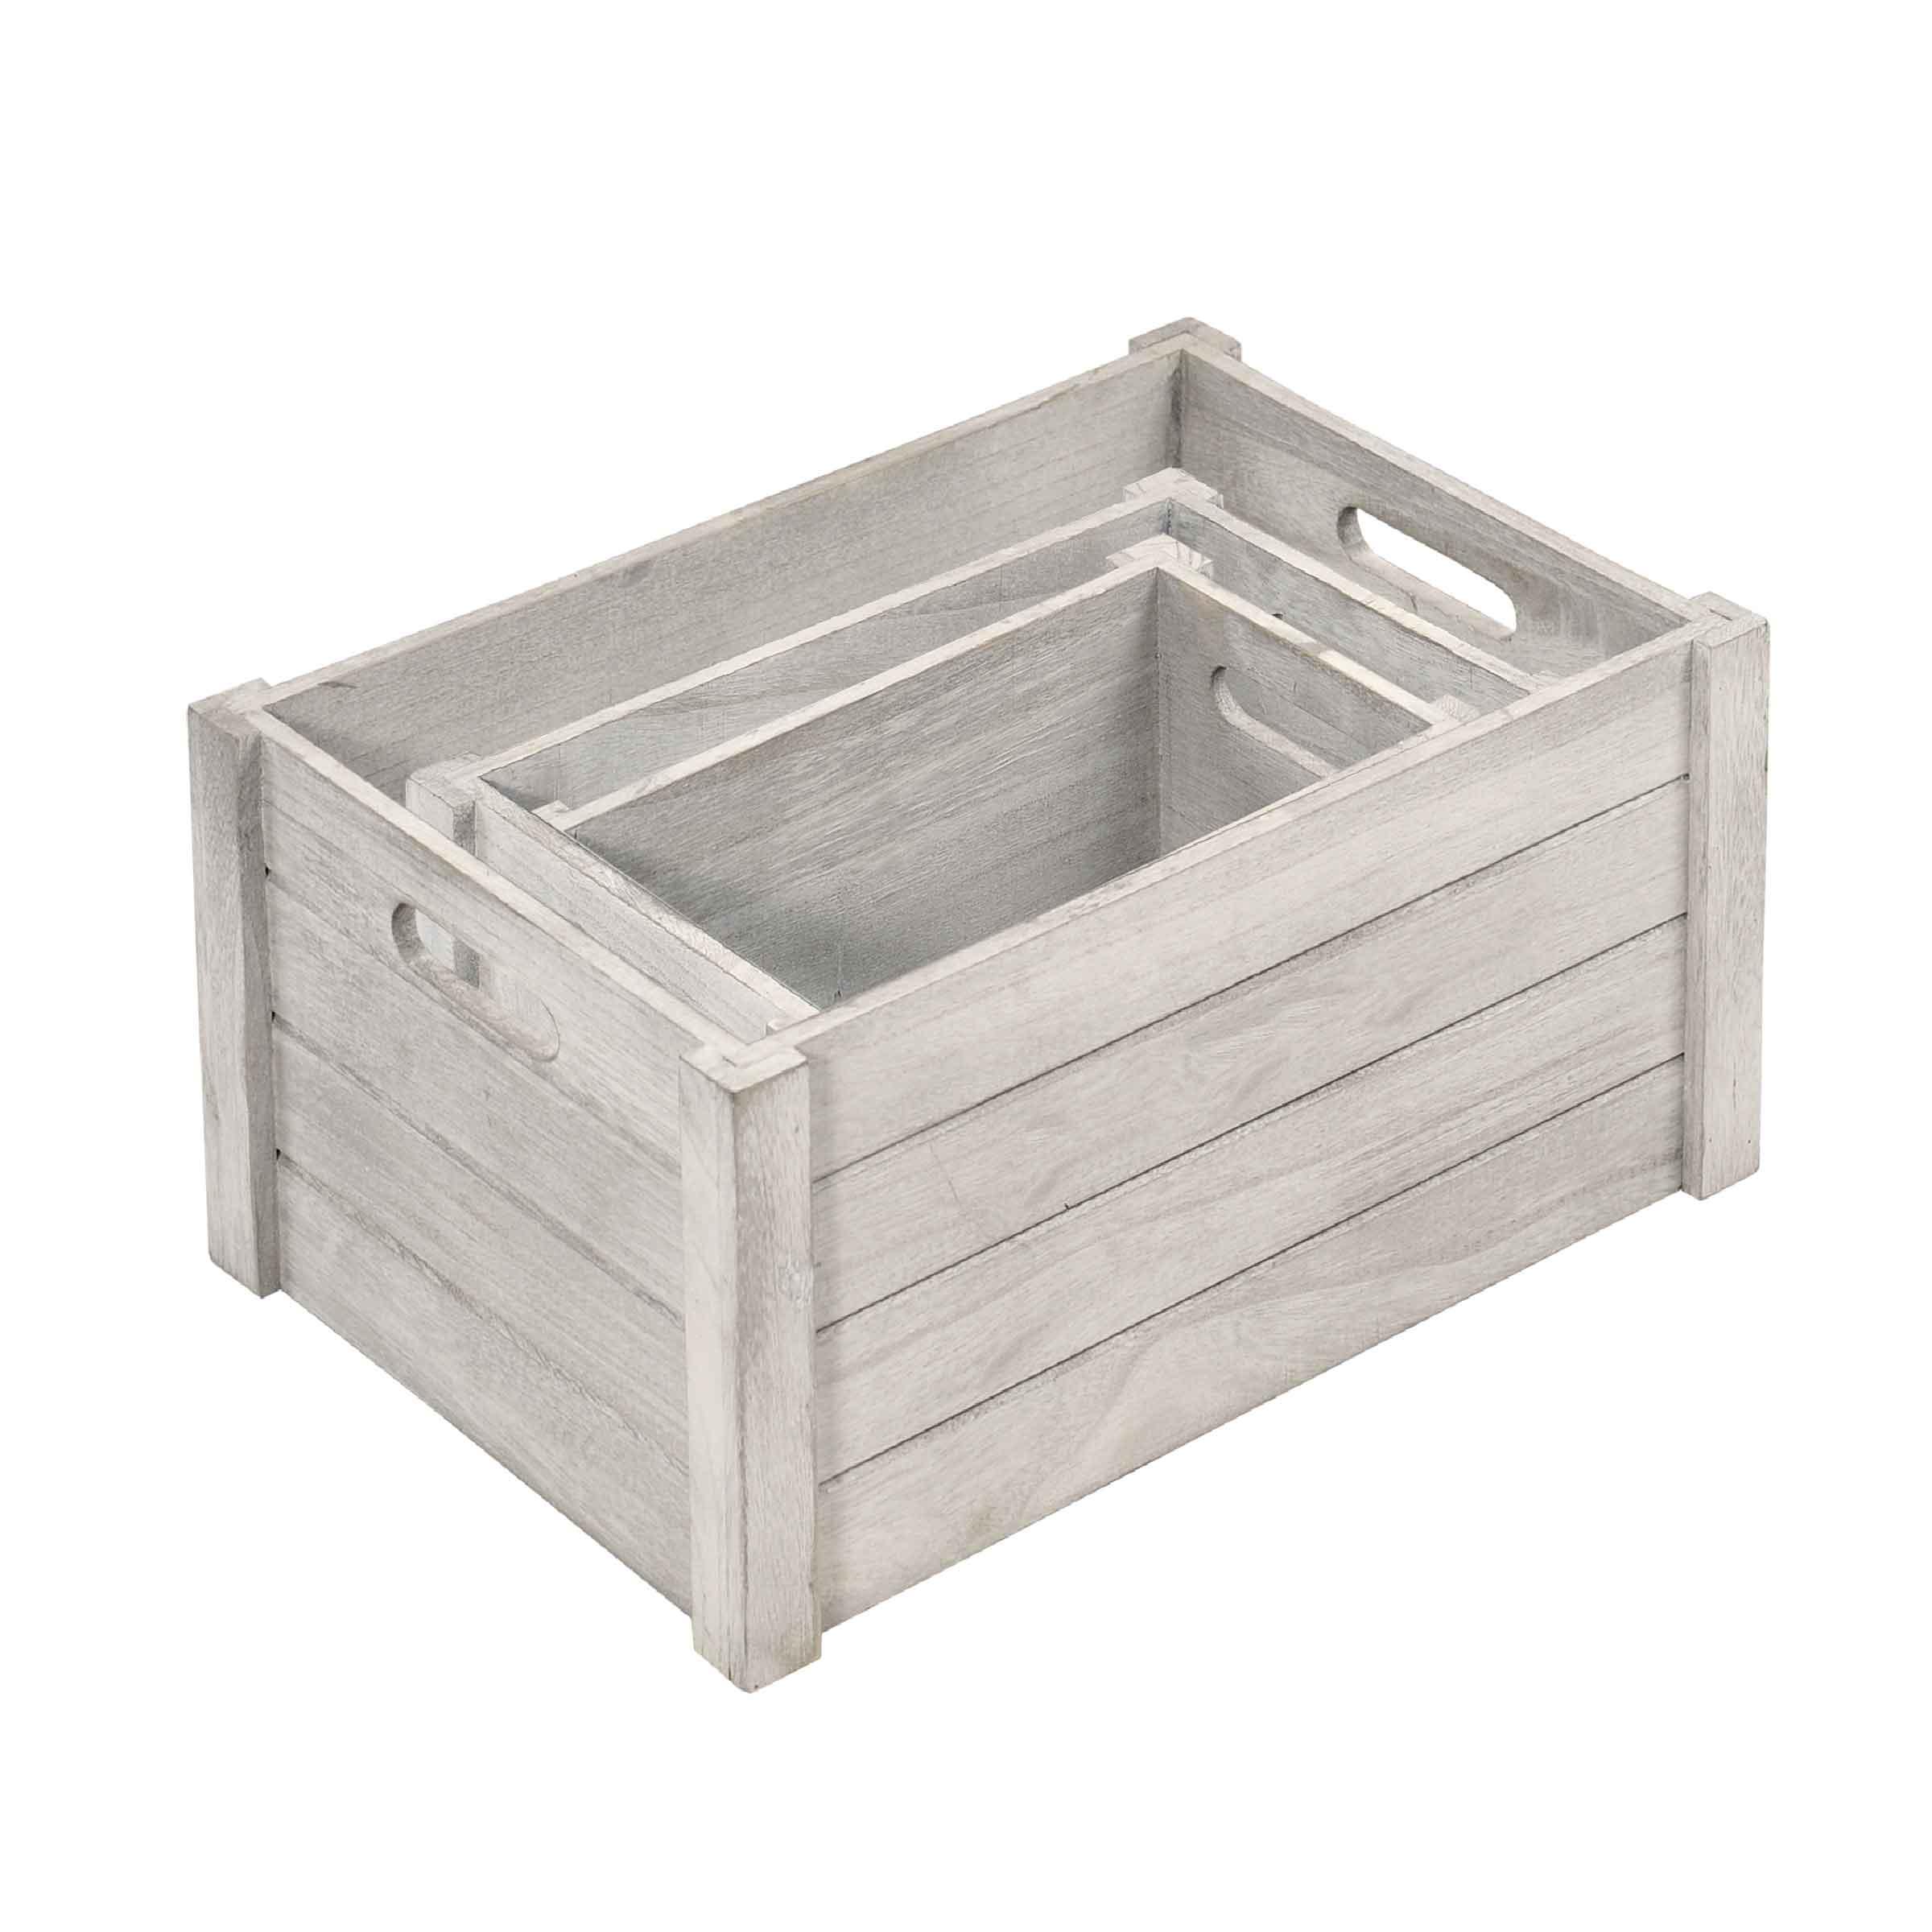 Caisse En Bois Pour Livre caisse de rangement en bois. l